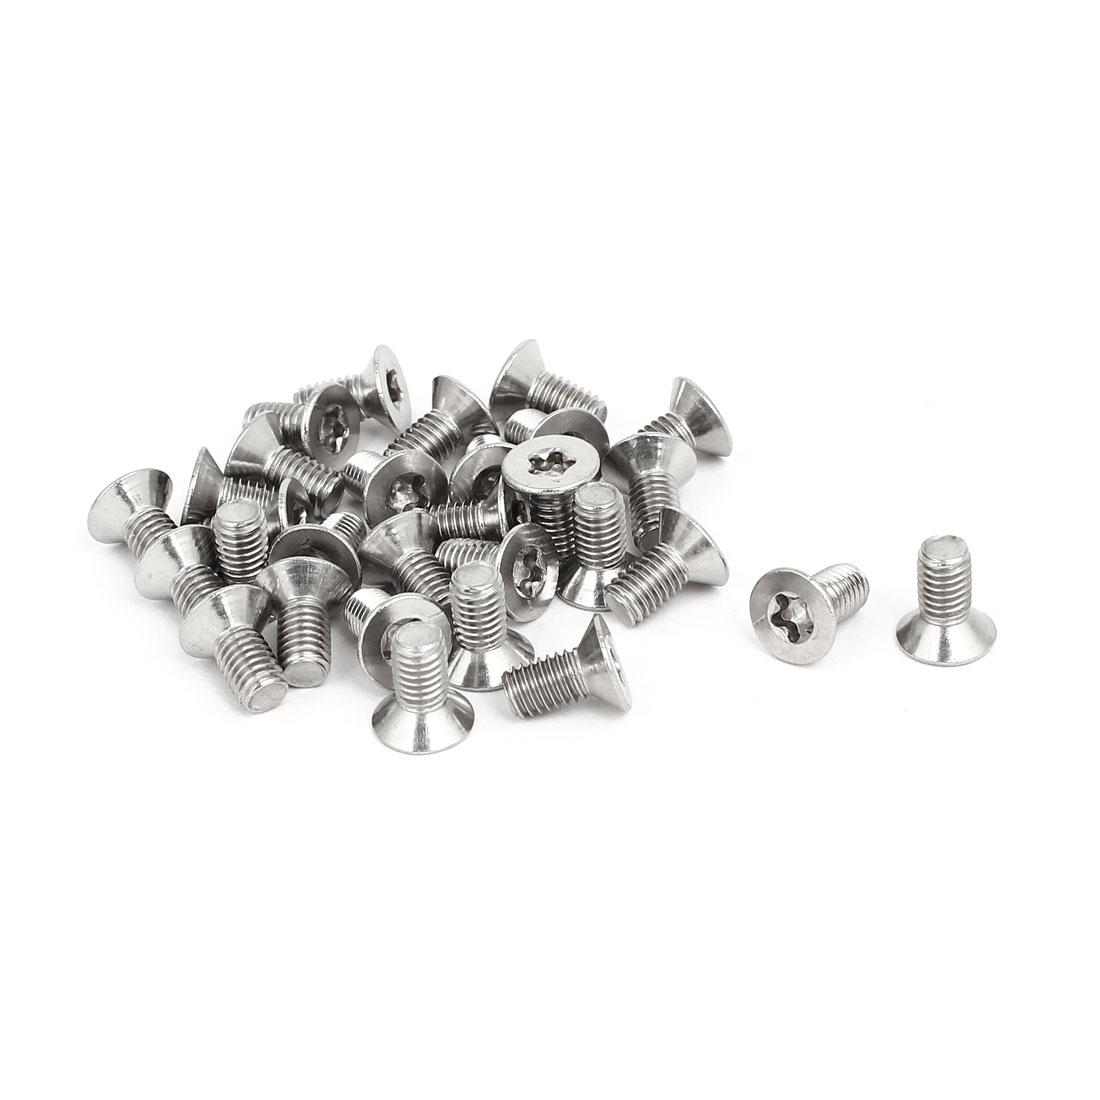 M5x10mm 304 Stainless Steel Flat Countersunk Head Torx Five-Lobe Screw 30pcs